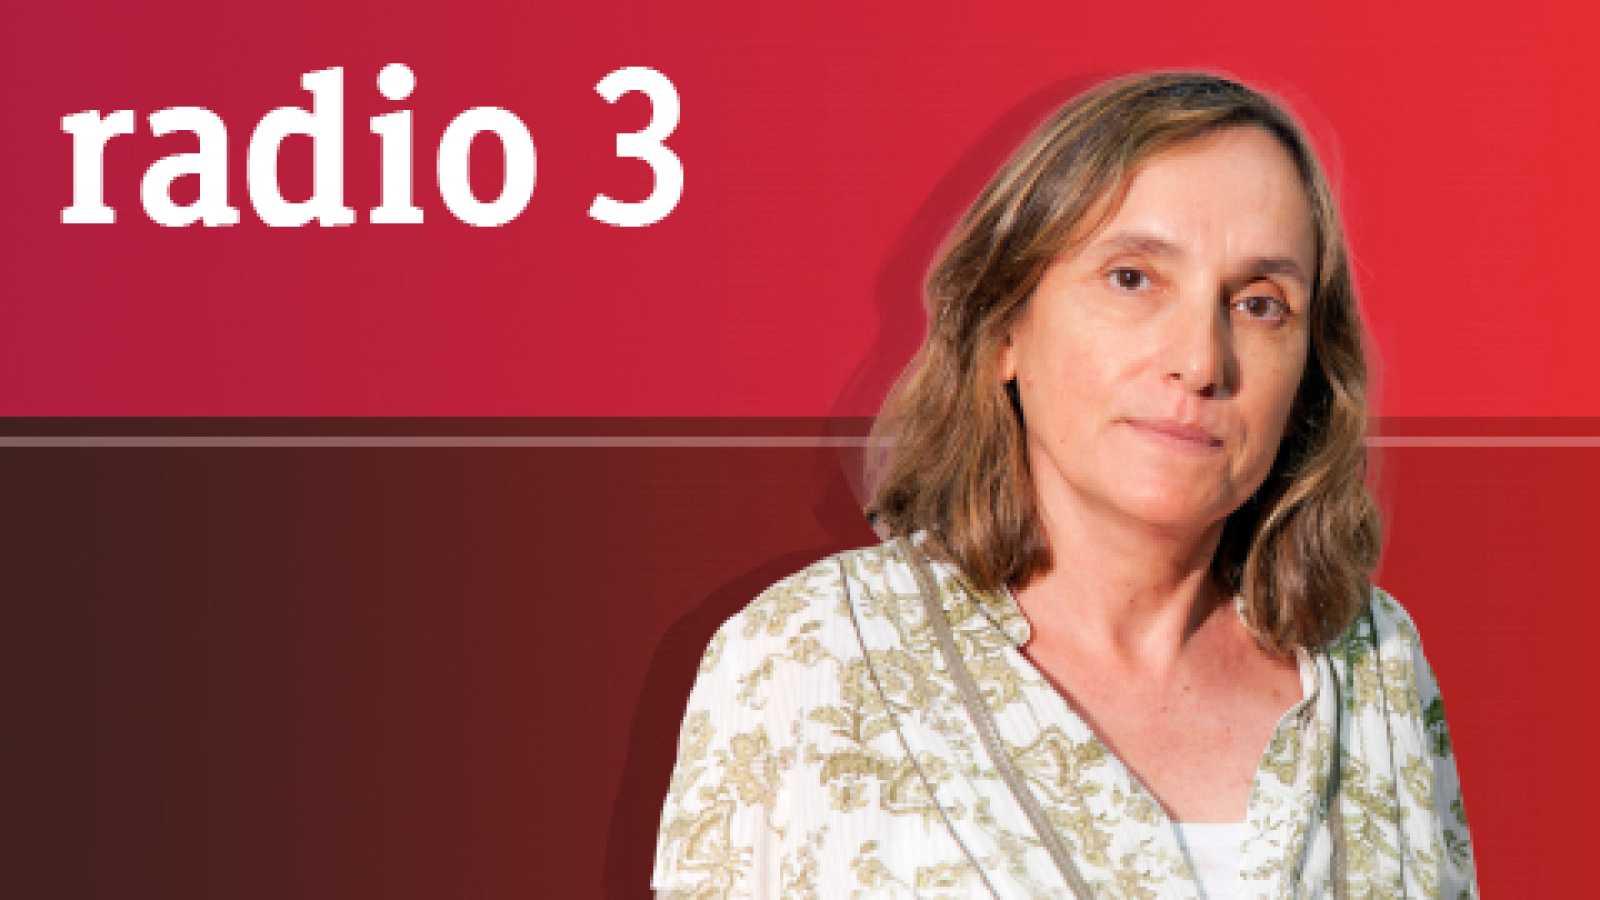 Tres en la carretera -  Cabañas para pensar - 15/01/12 - escuchar ahora